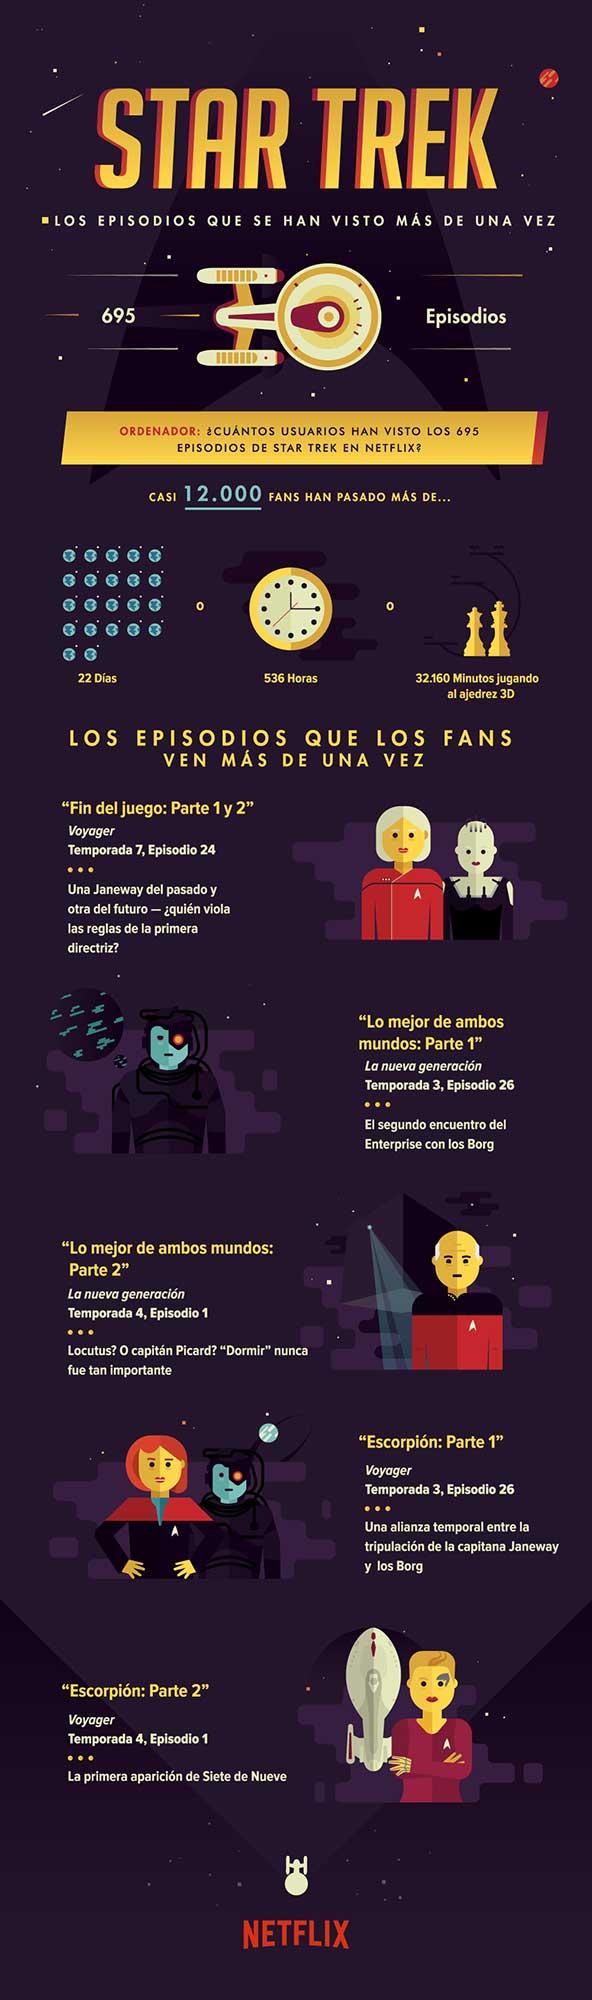 Infografía Star Trek Netflix